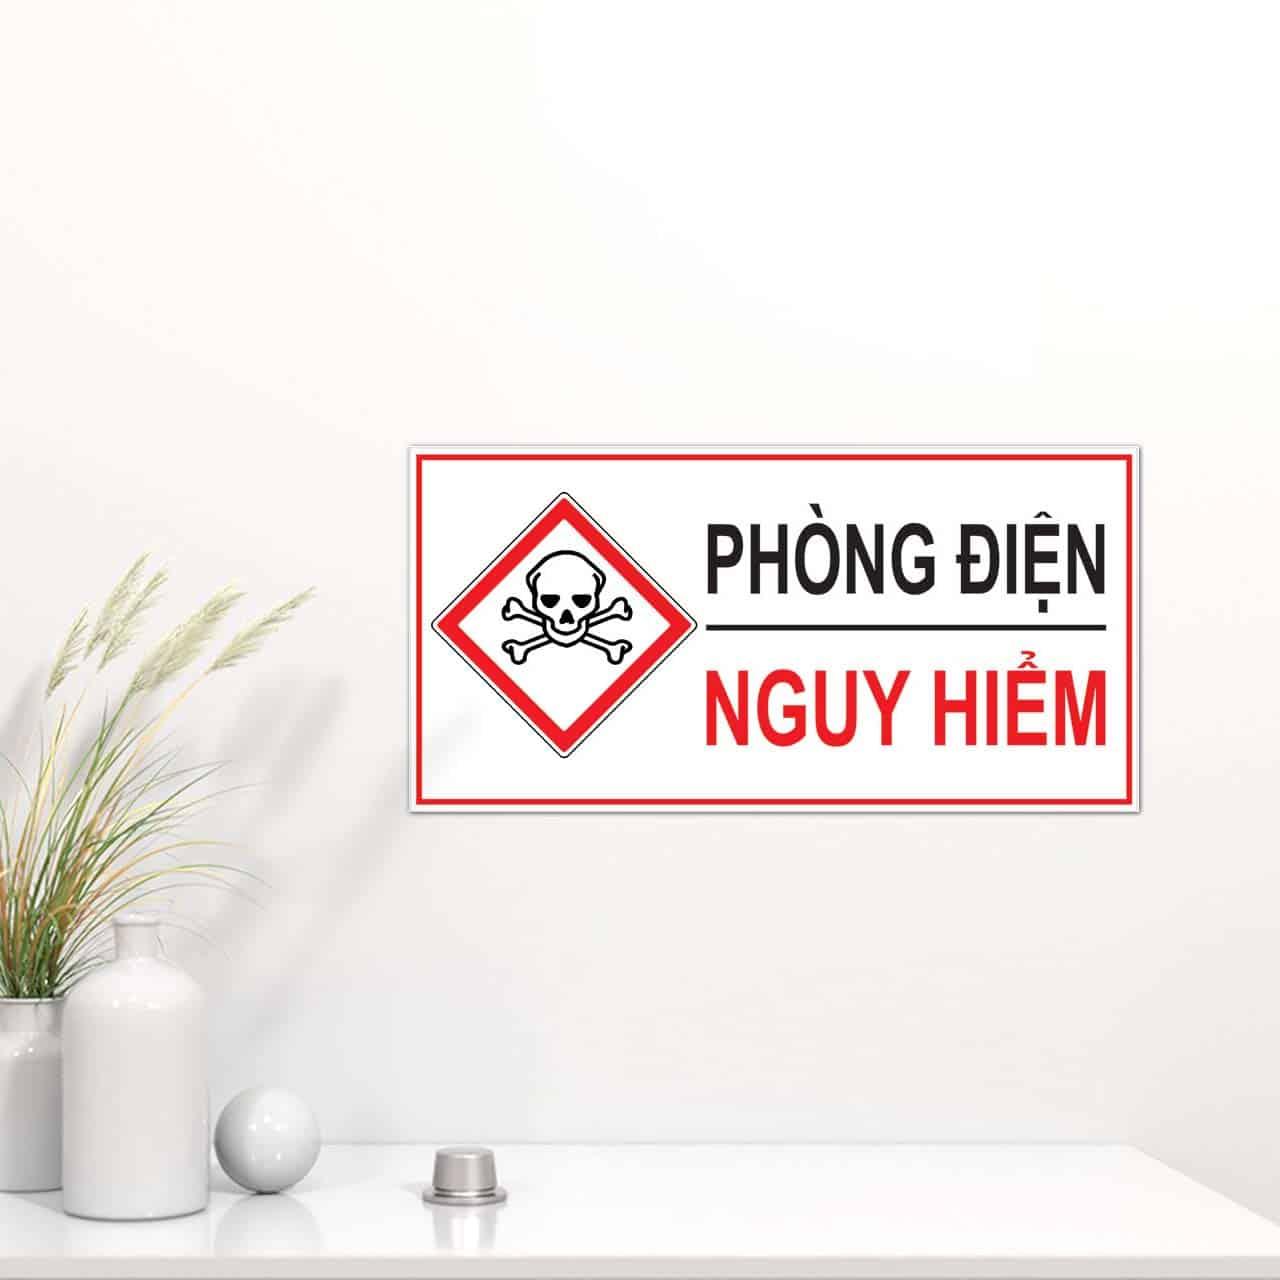 Nội quy an toàn điện cảnh báo phòng điện nguy hiểm